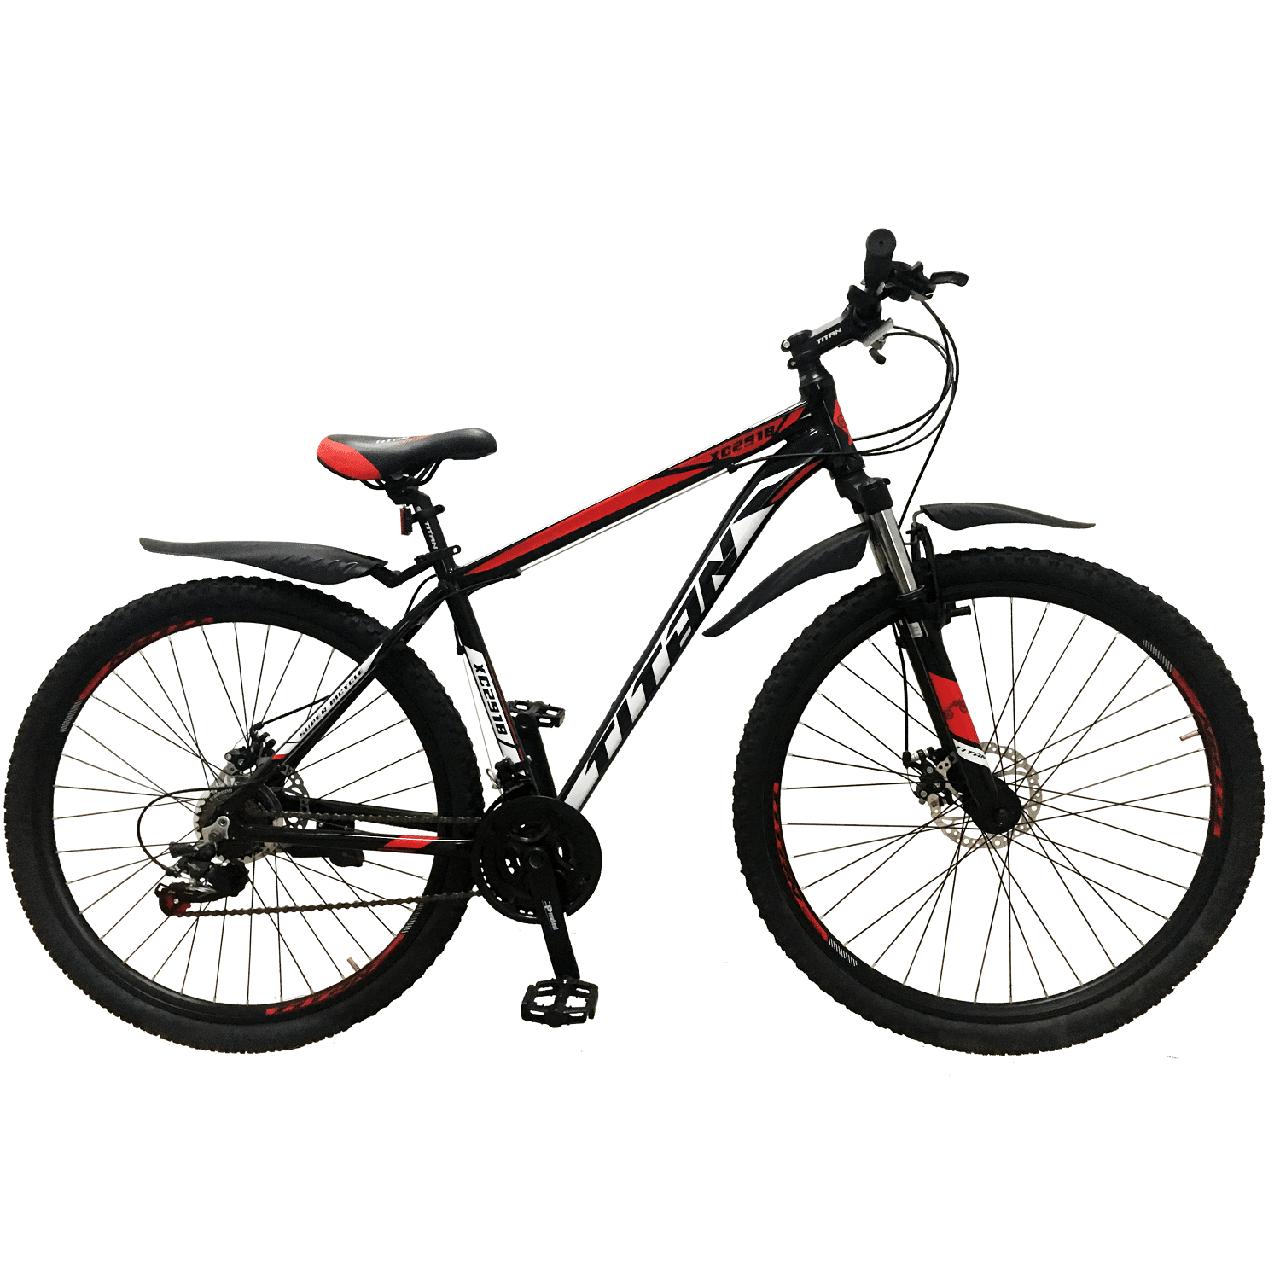 """Горный алюминиевый велосипед 29""""TITAN XC2919 (Shimano, моноблок, Lockout)"""